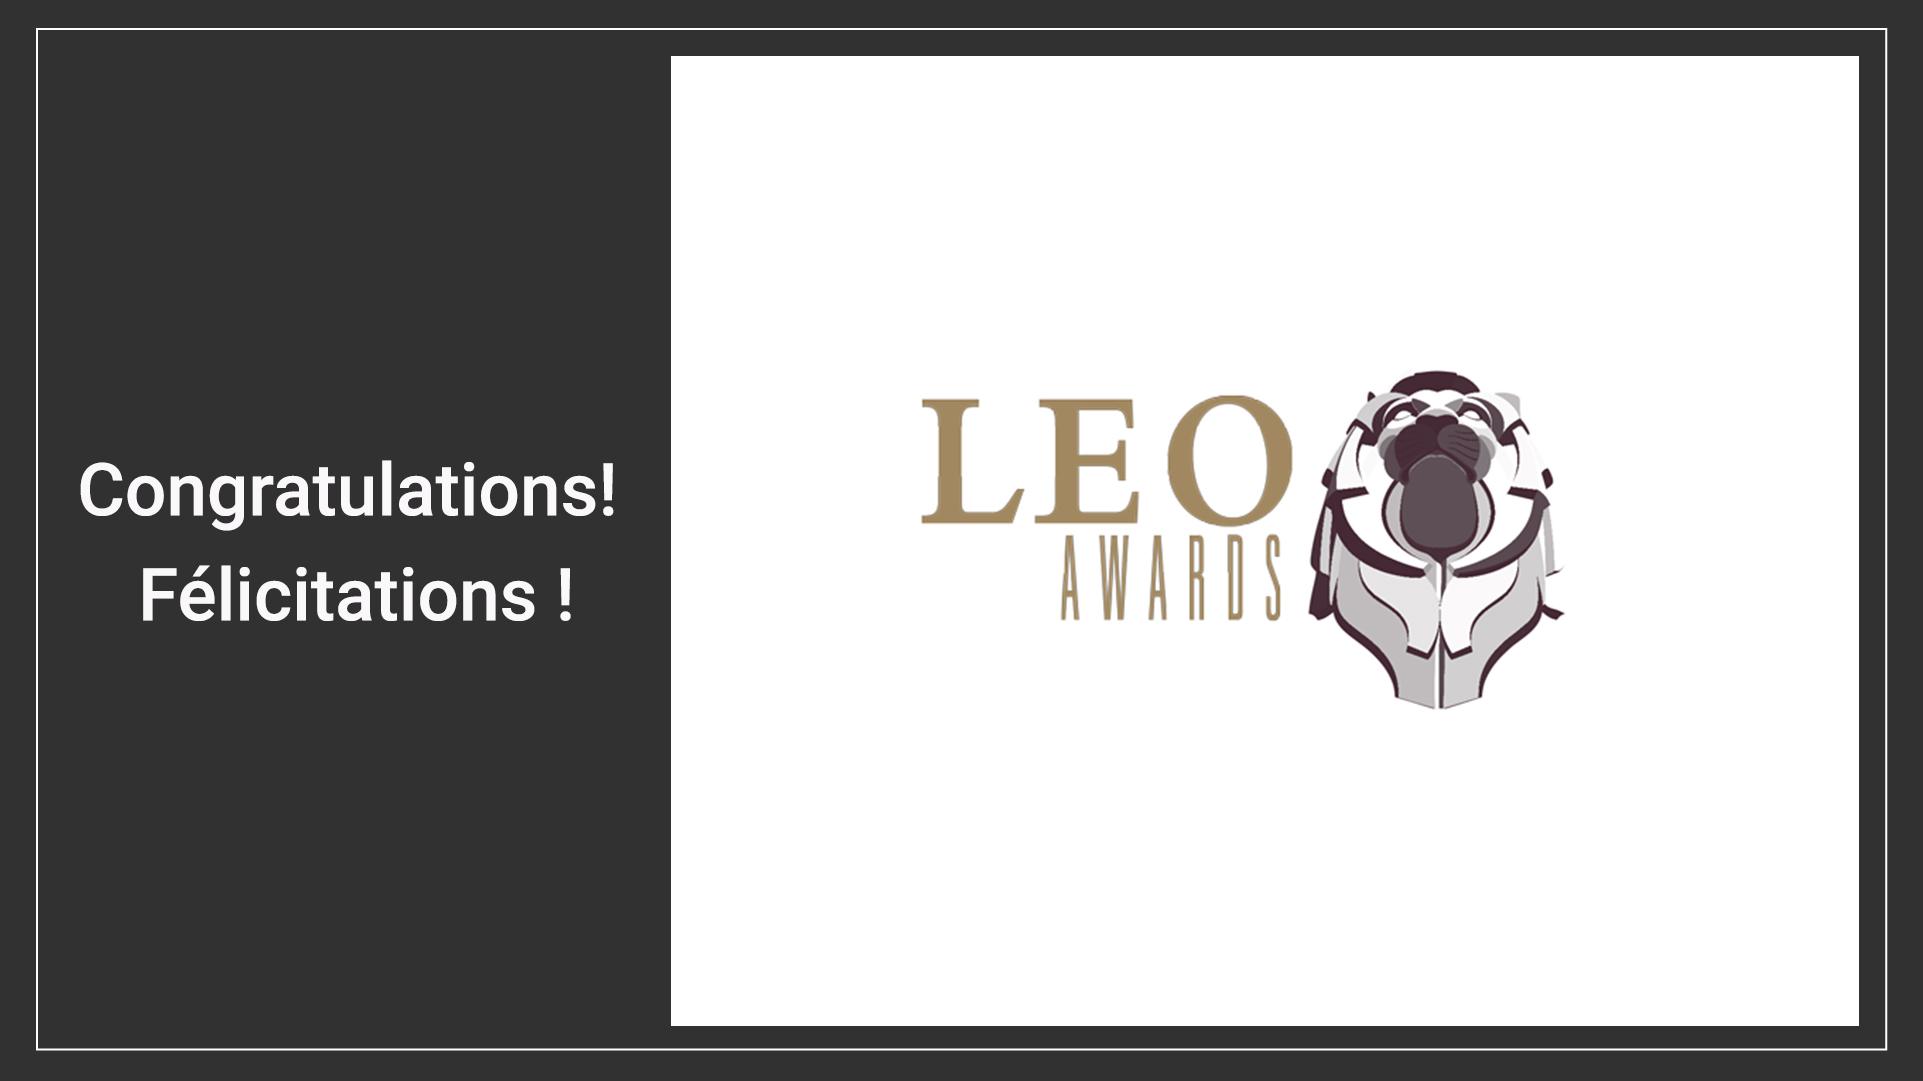 2021 Leo Awards Winner